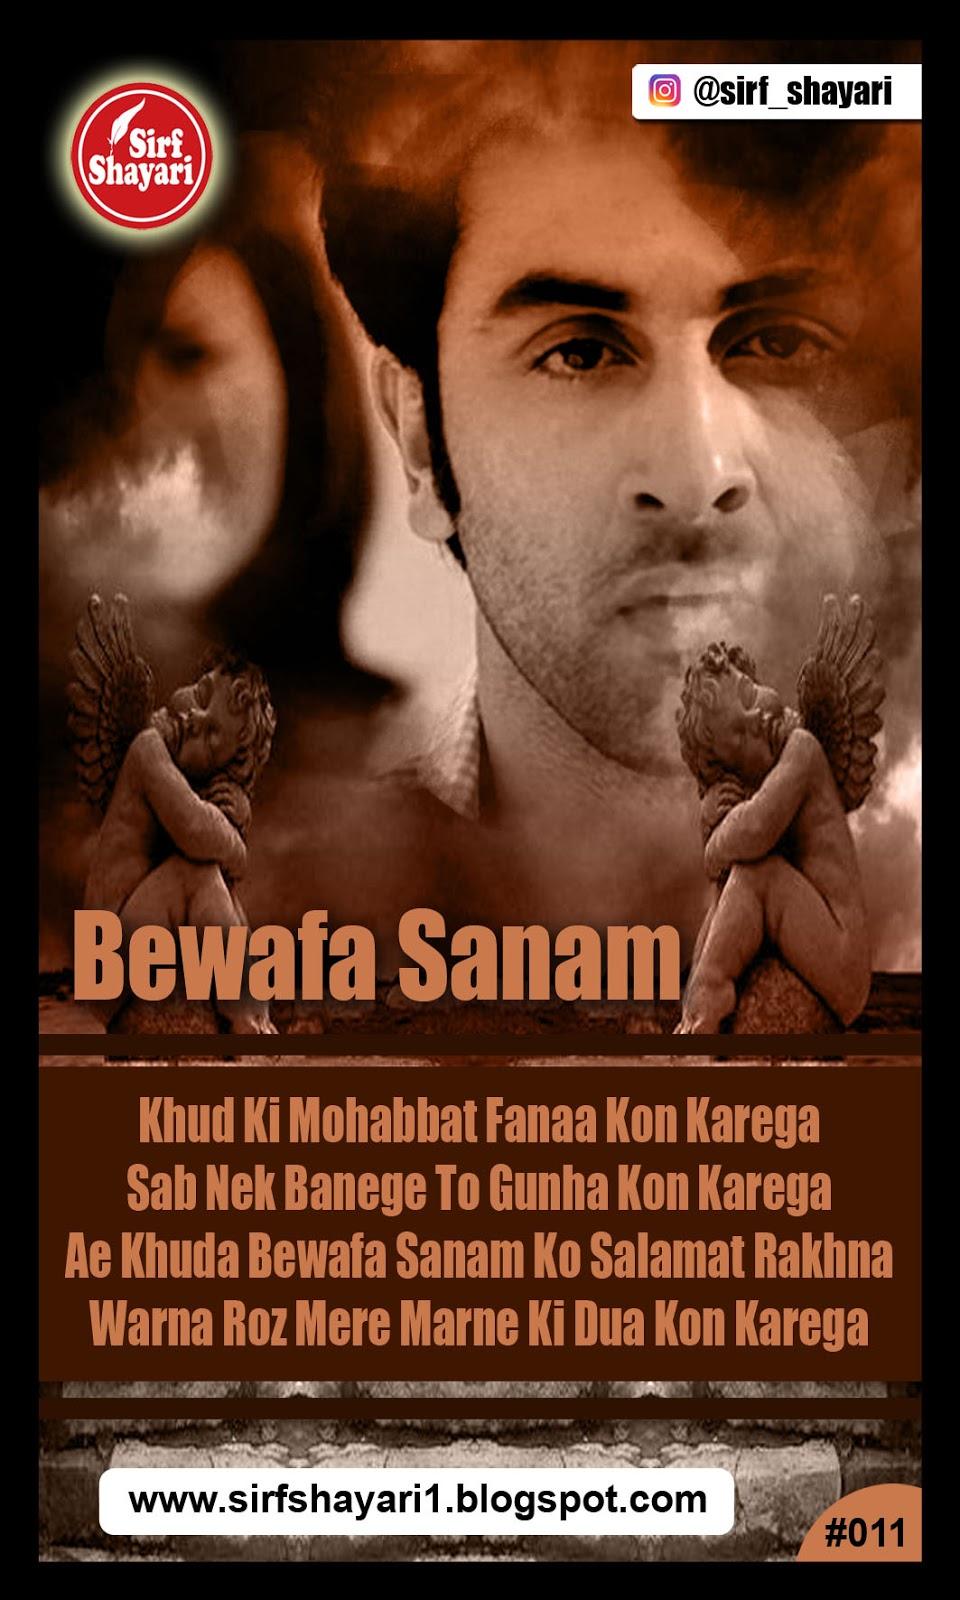 Bewafa Sanam Shayari Images Best Hd Wallpaper